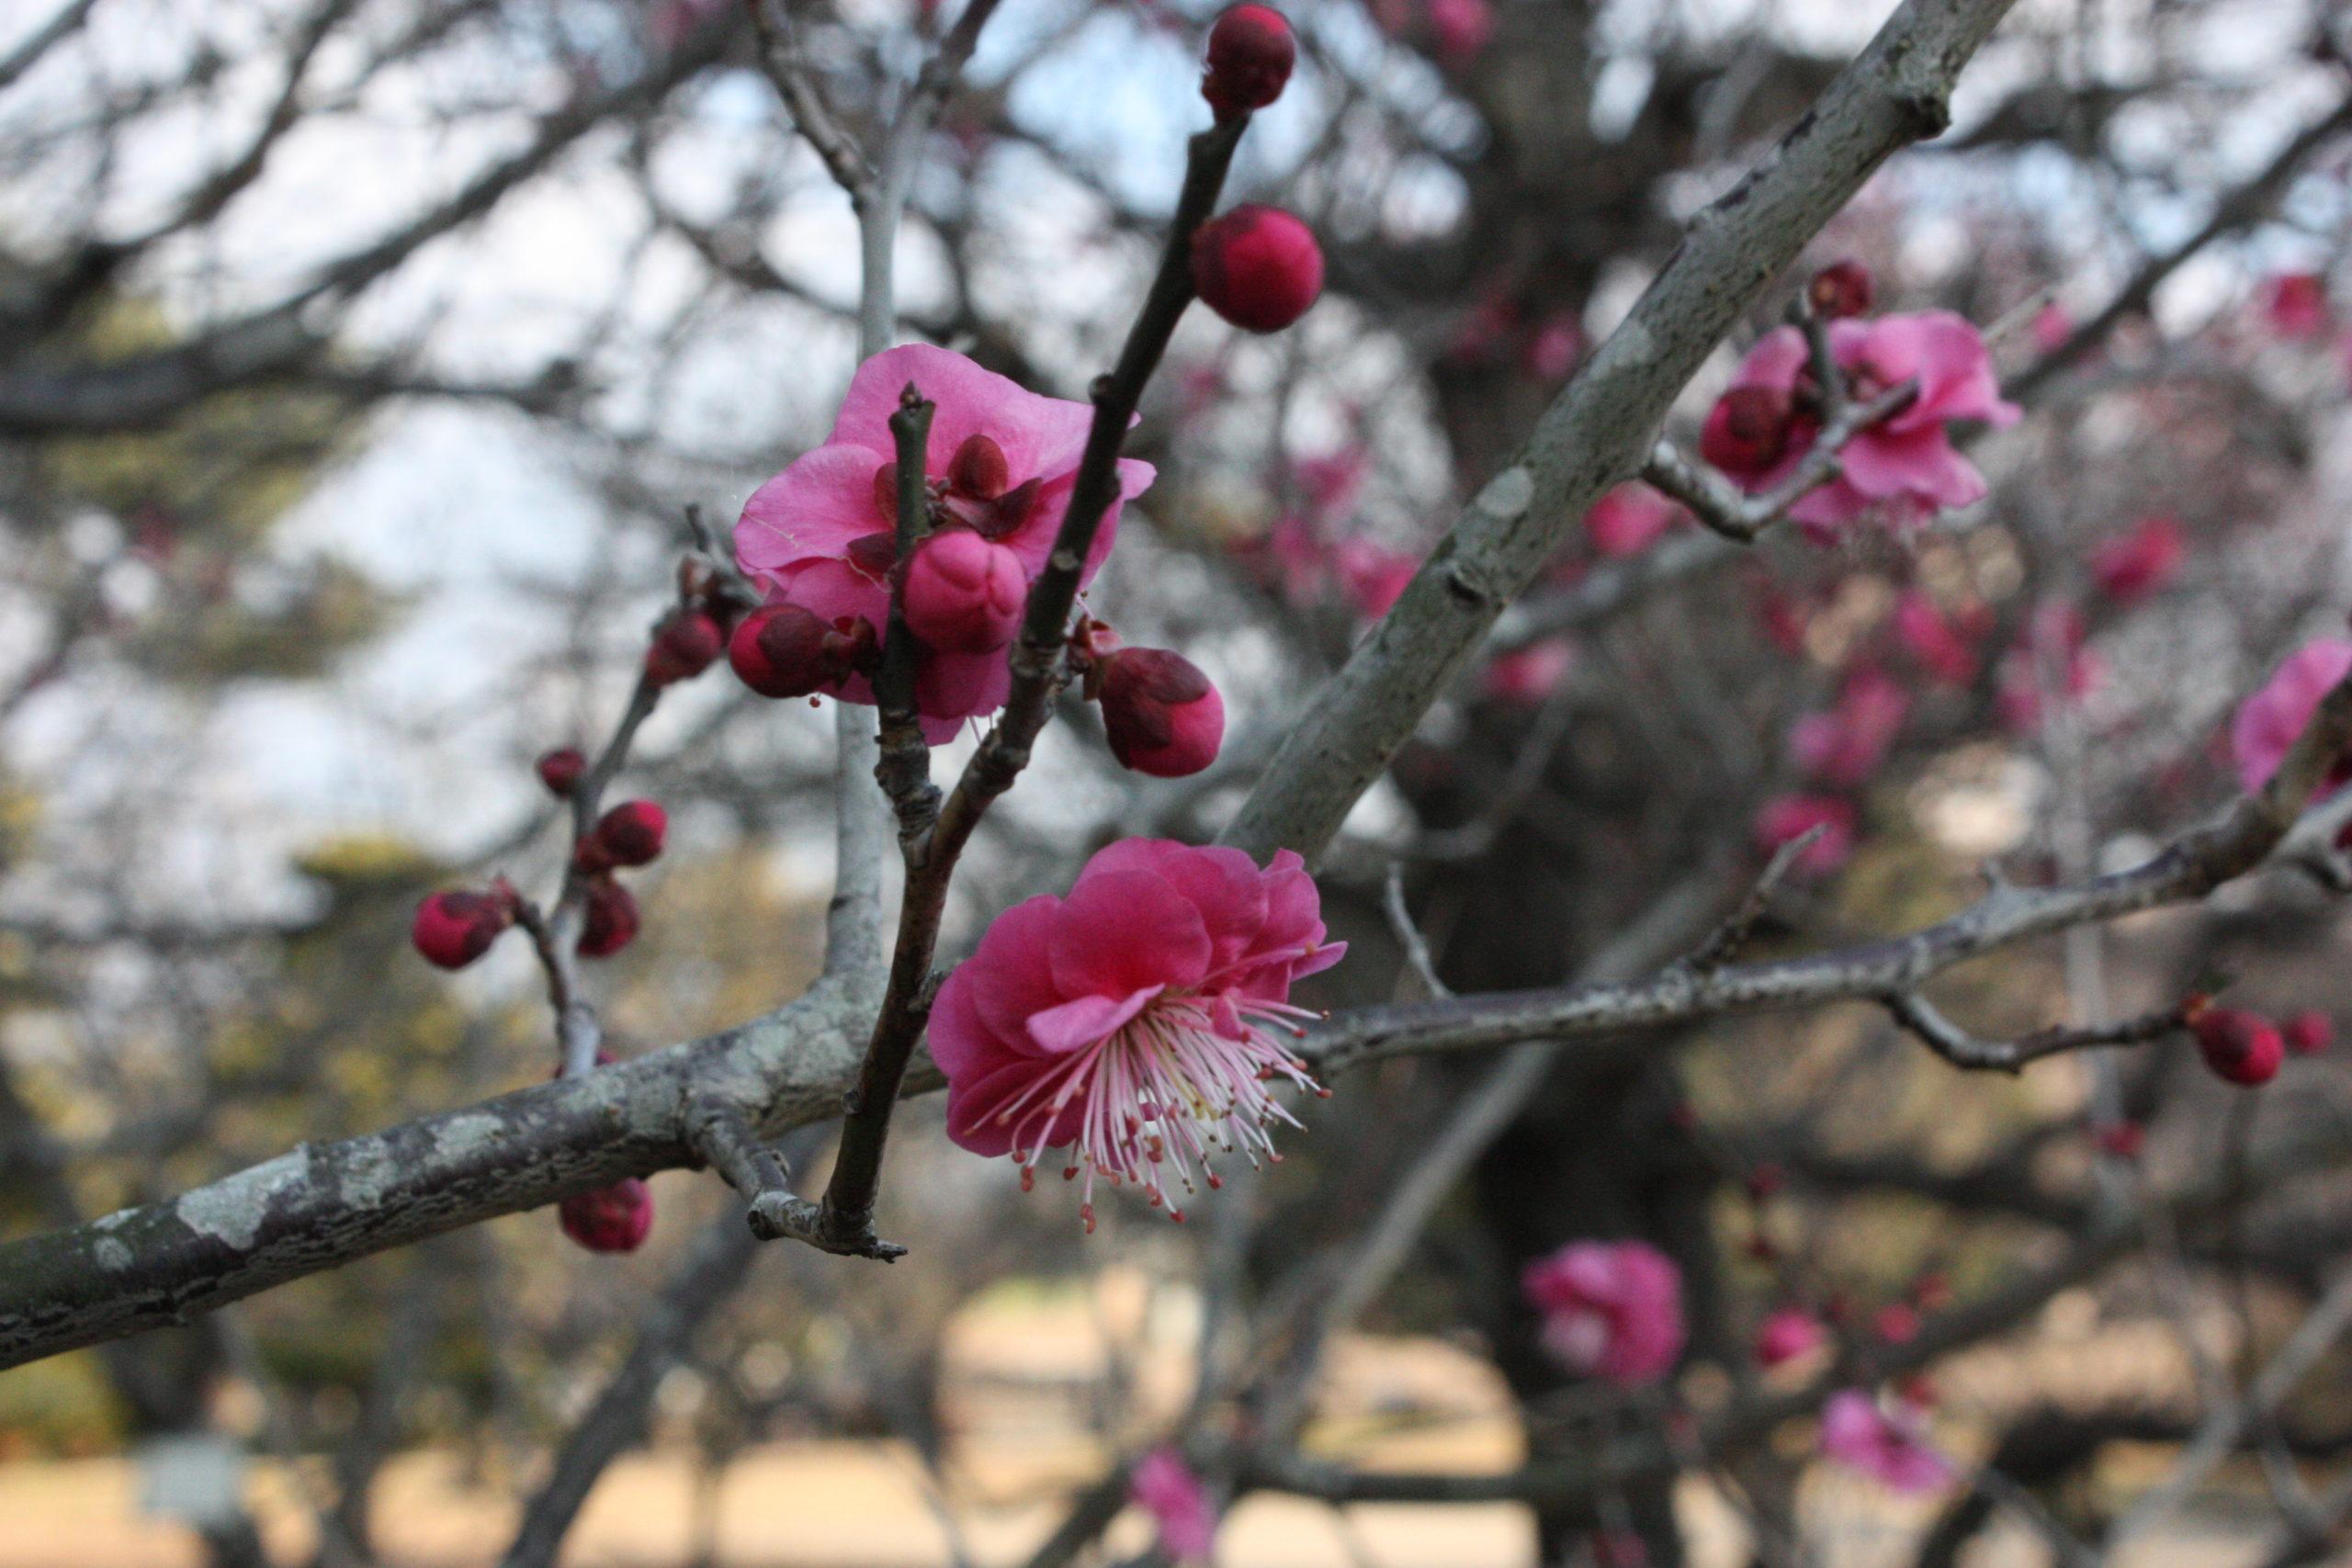 2021年2月4日(木)梅開花状況 鈴の森公園・松坂城跡・御城番屋敷